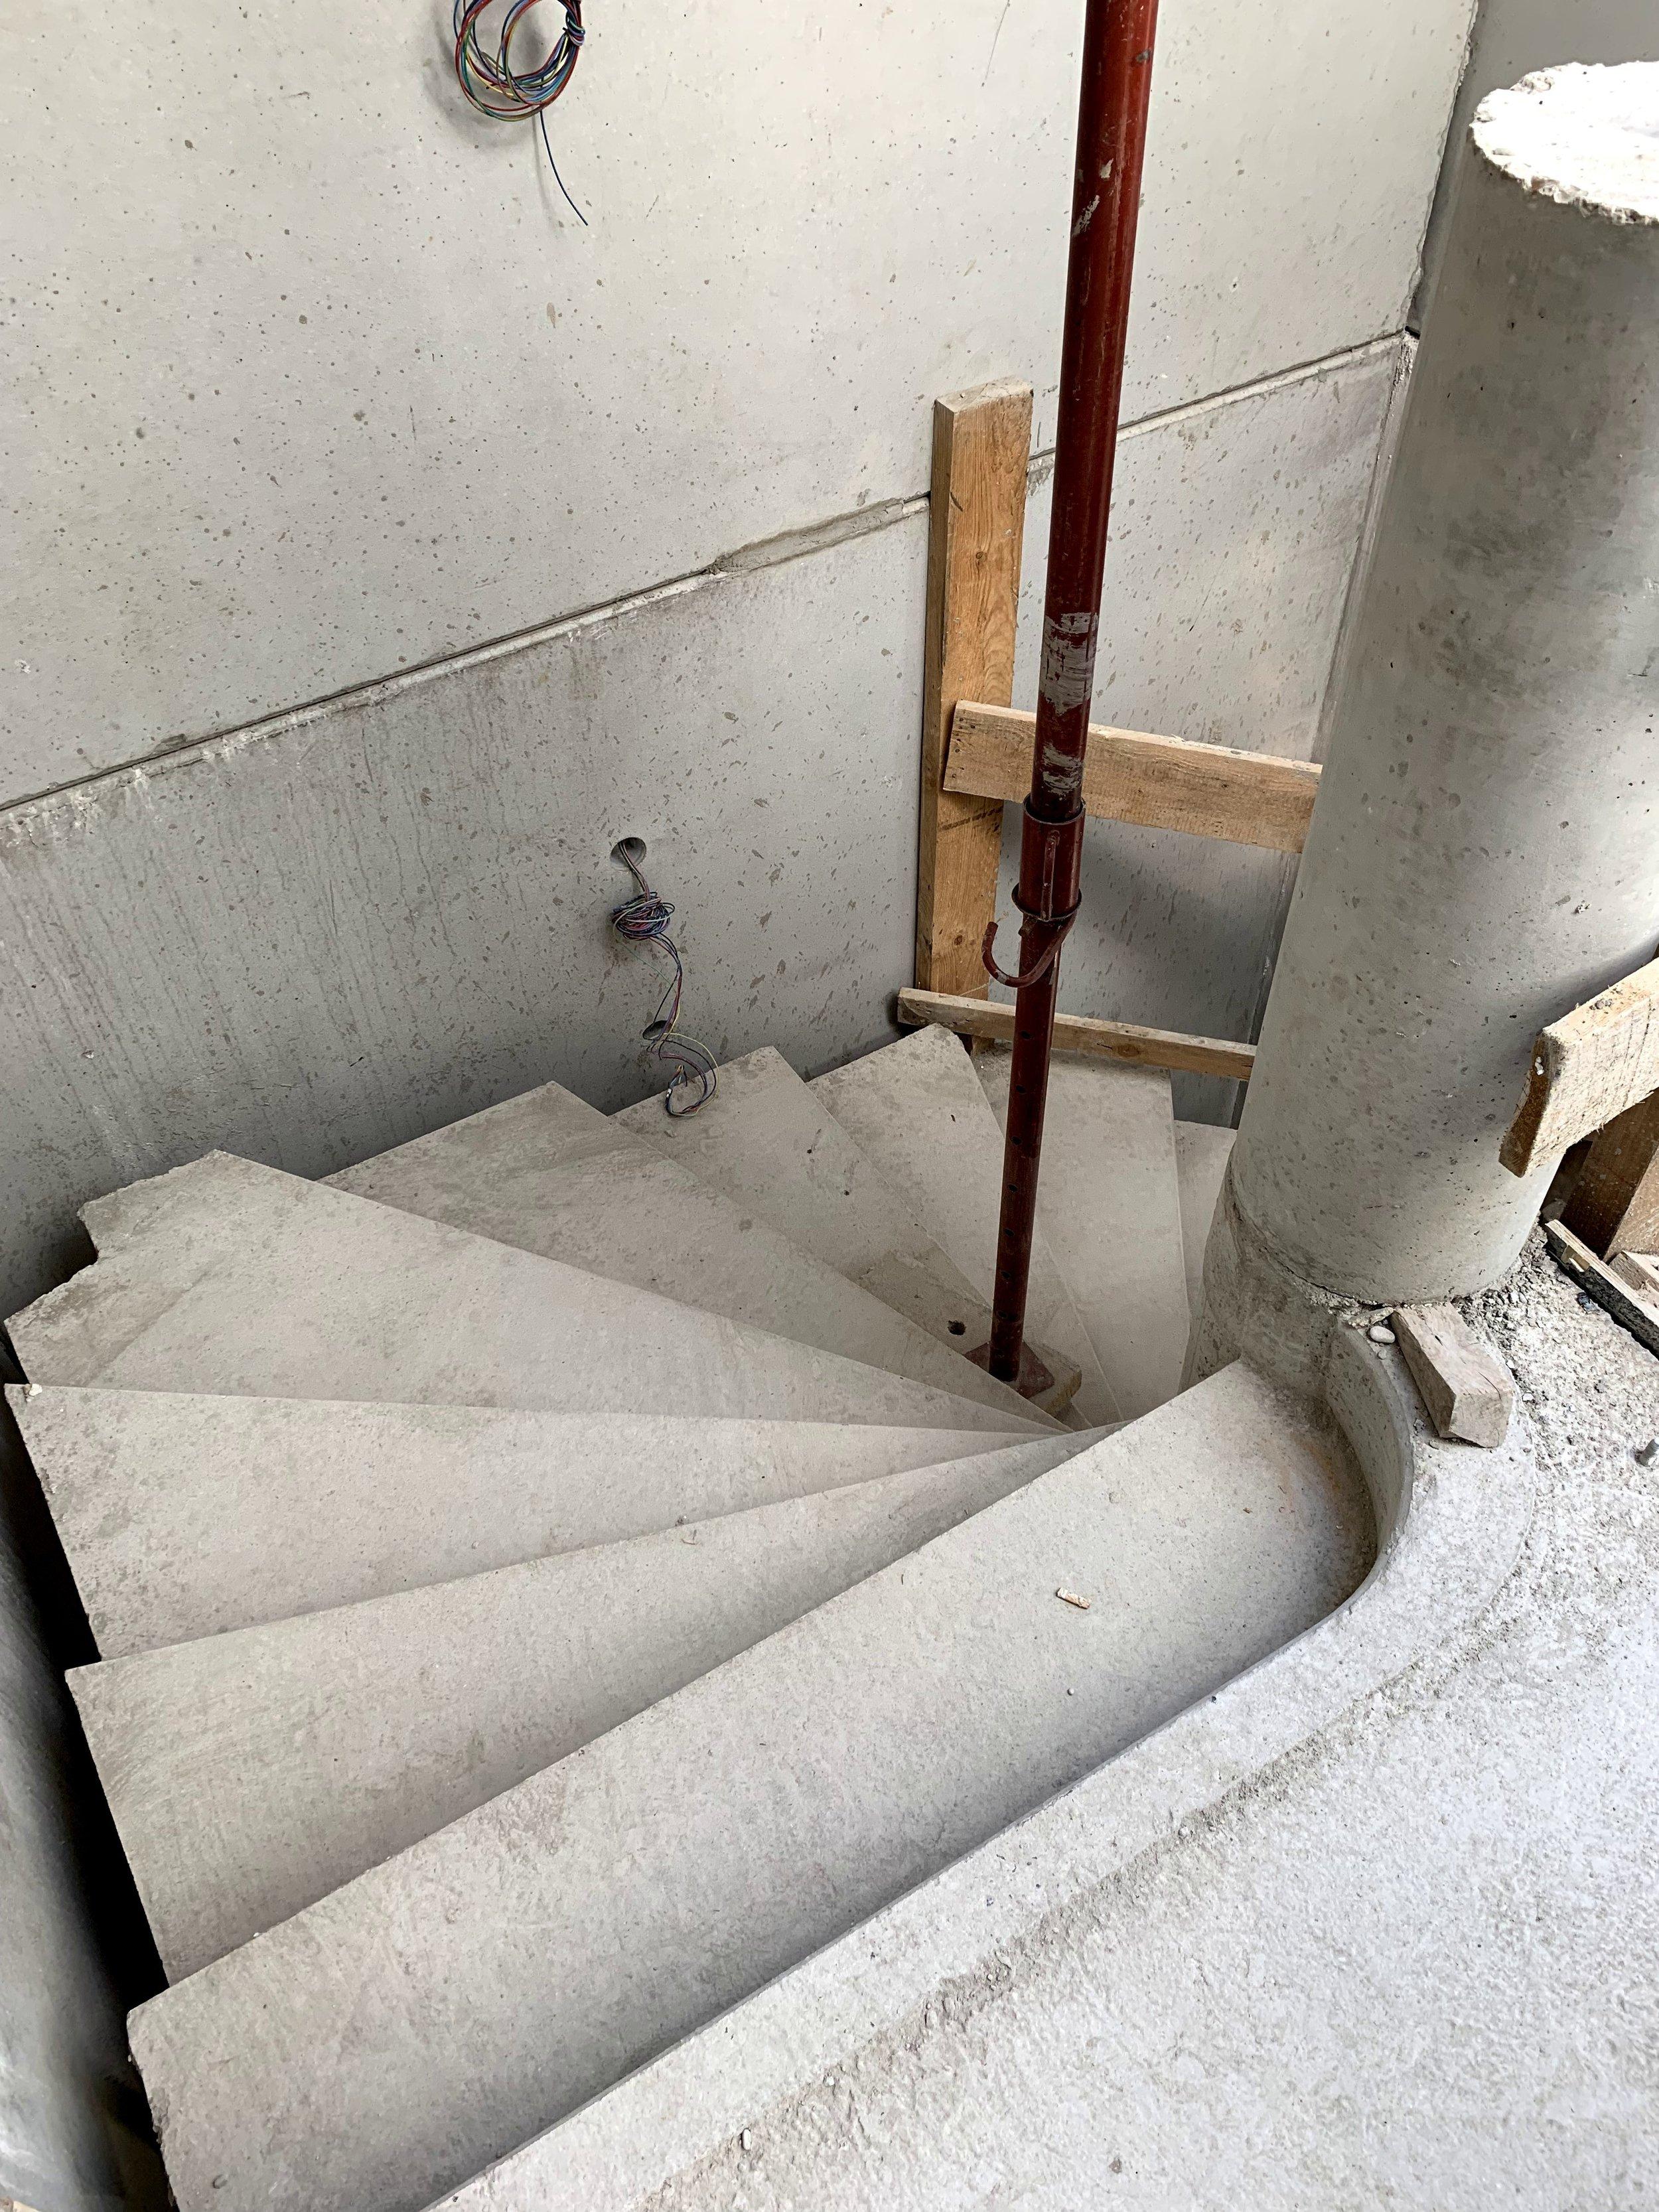 Escalier de secours en place